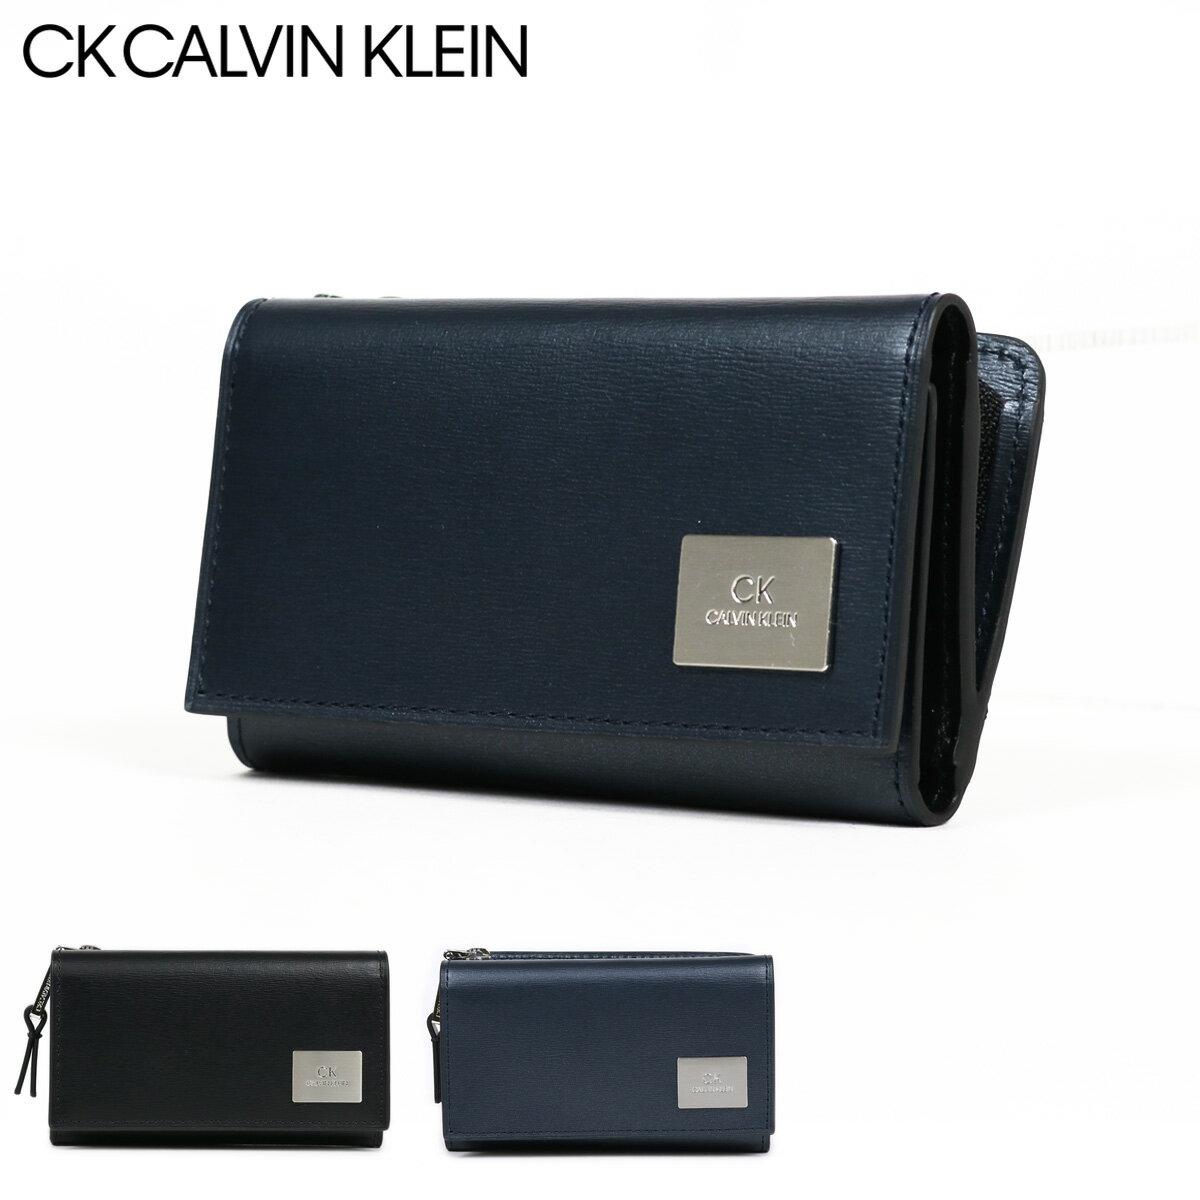 シーケー カルバンクライン キーケース レジンII メンズ 826652 CK CALVIN KLEIN | 小銭入れ 牛革 本革 レザー ブランド専用BOX付き[bef][即日発送][PO5]